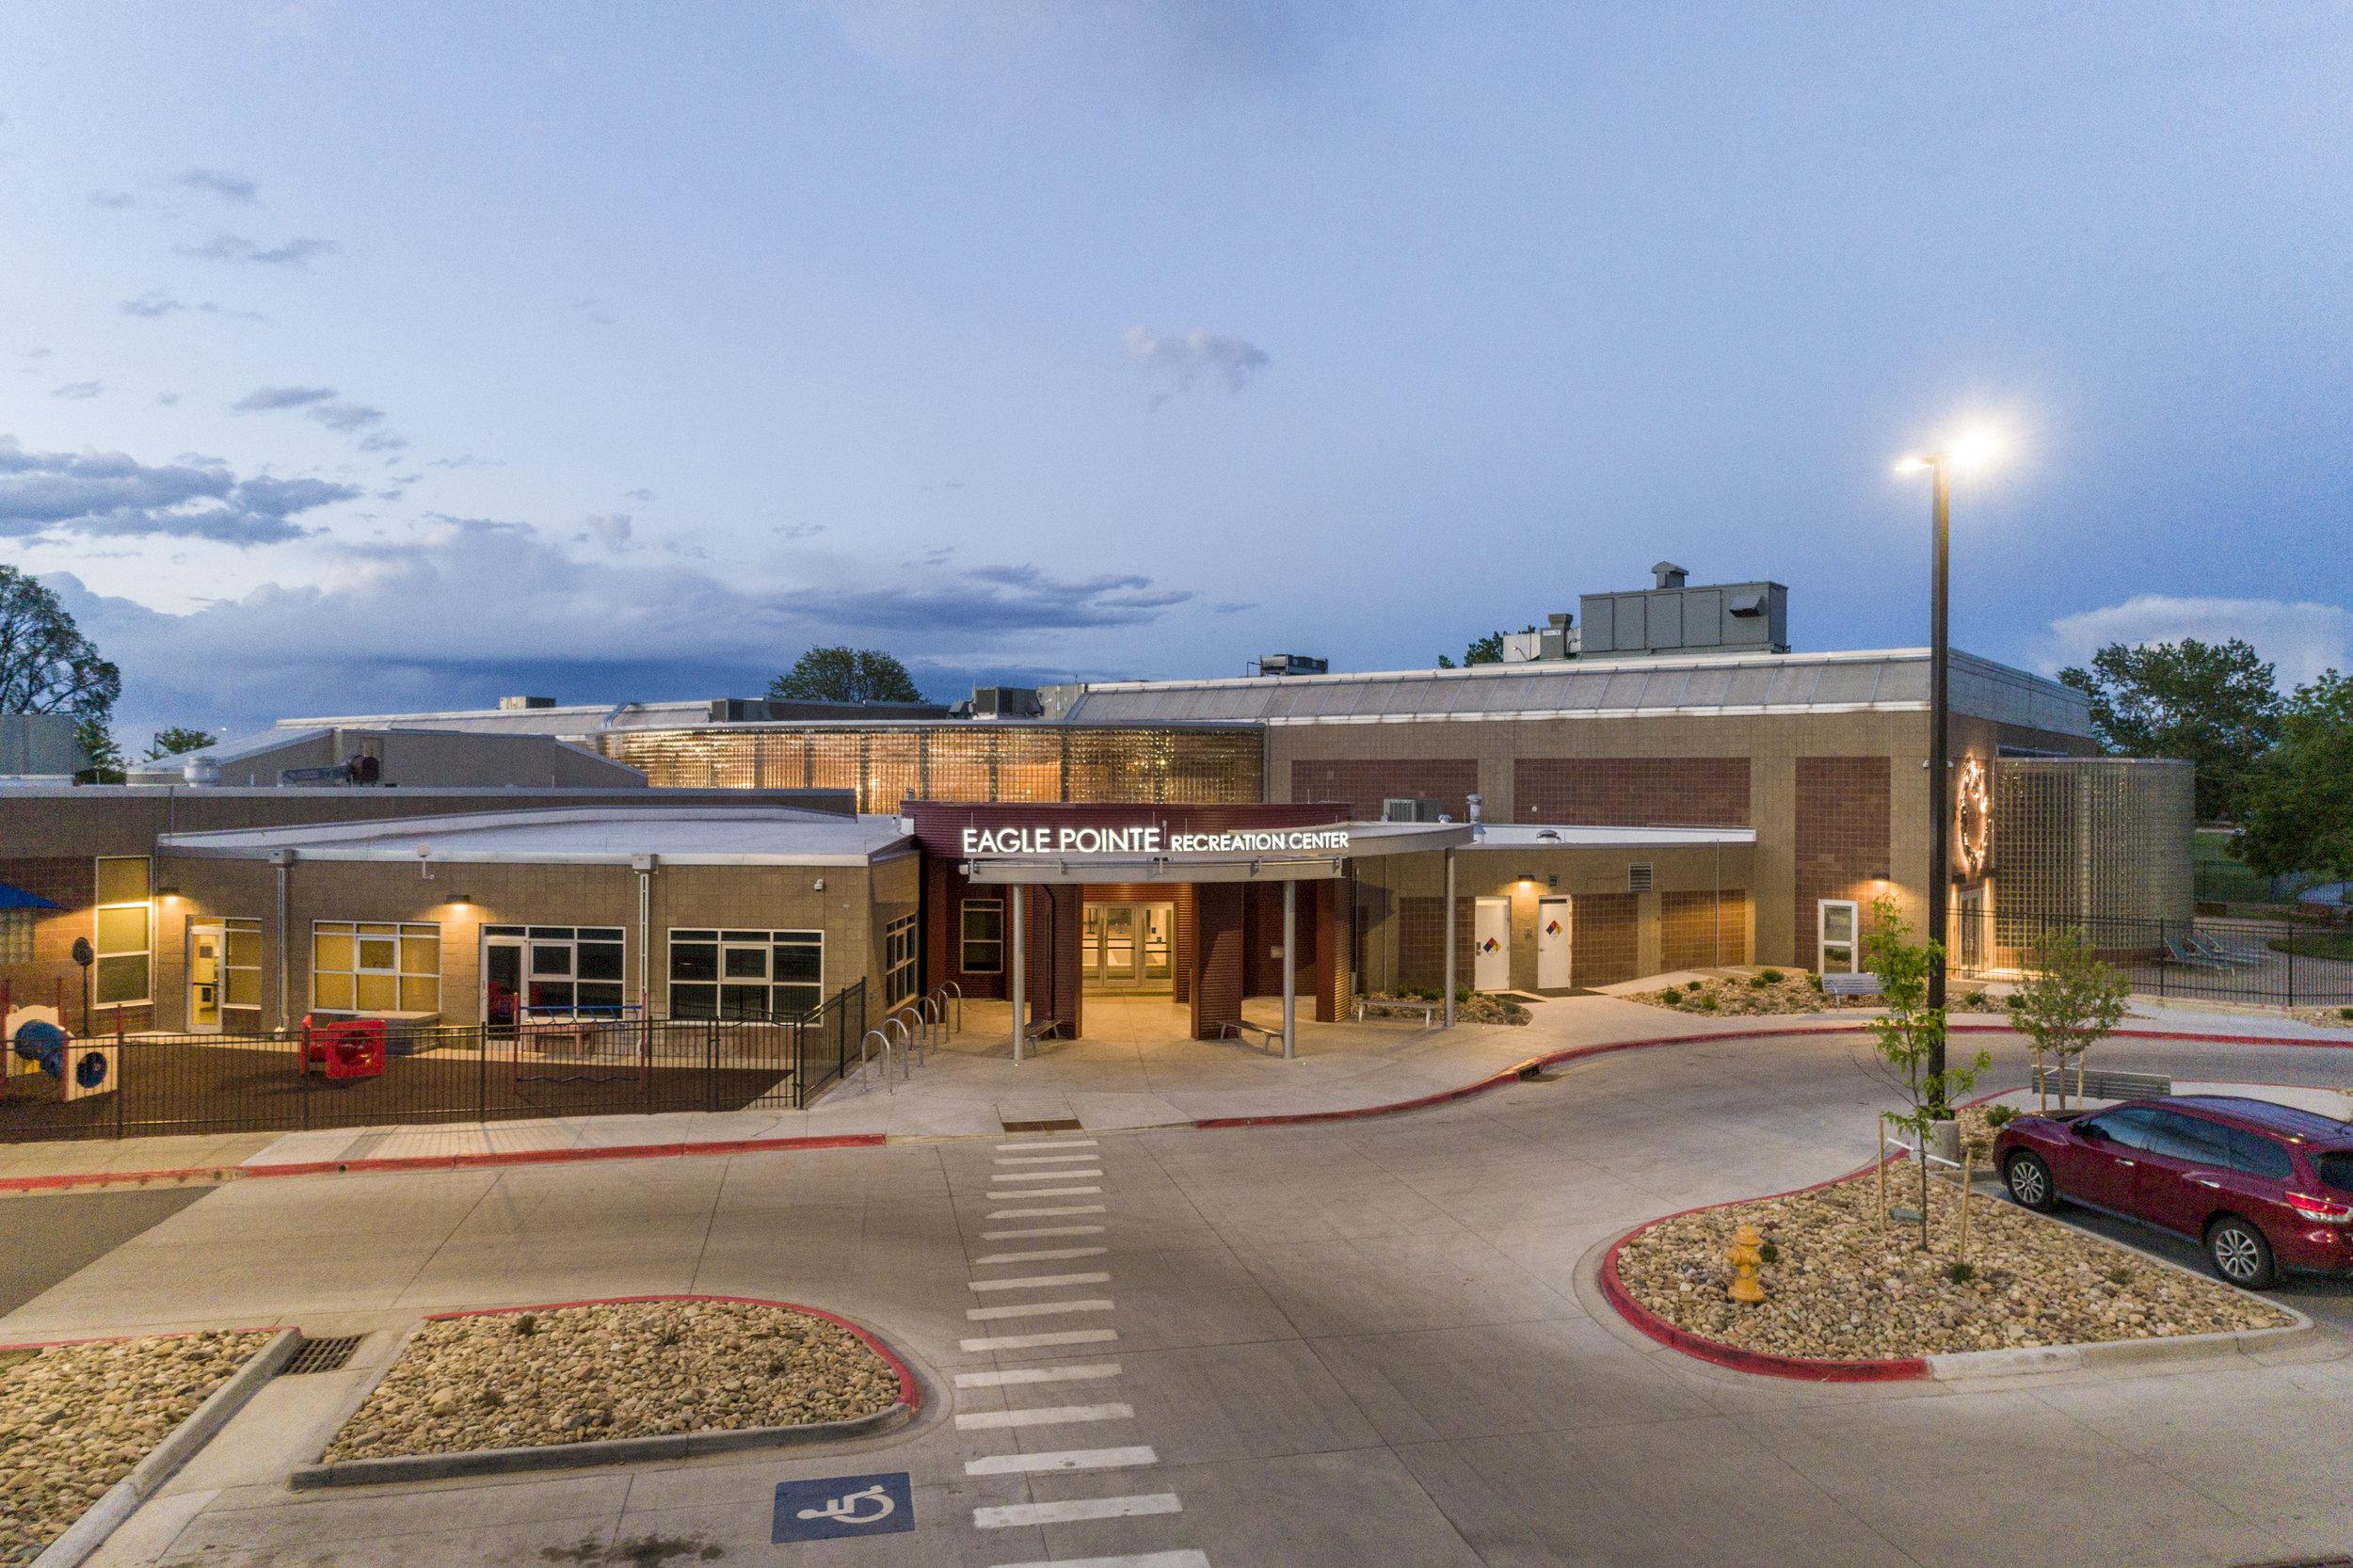 Essenza-Eagle-Pointe-Recreation-Center-175.jpg